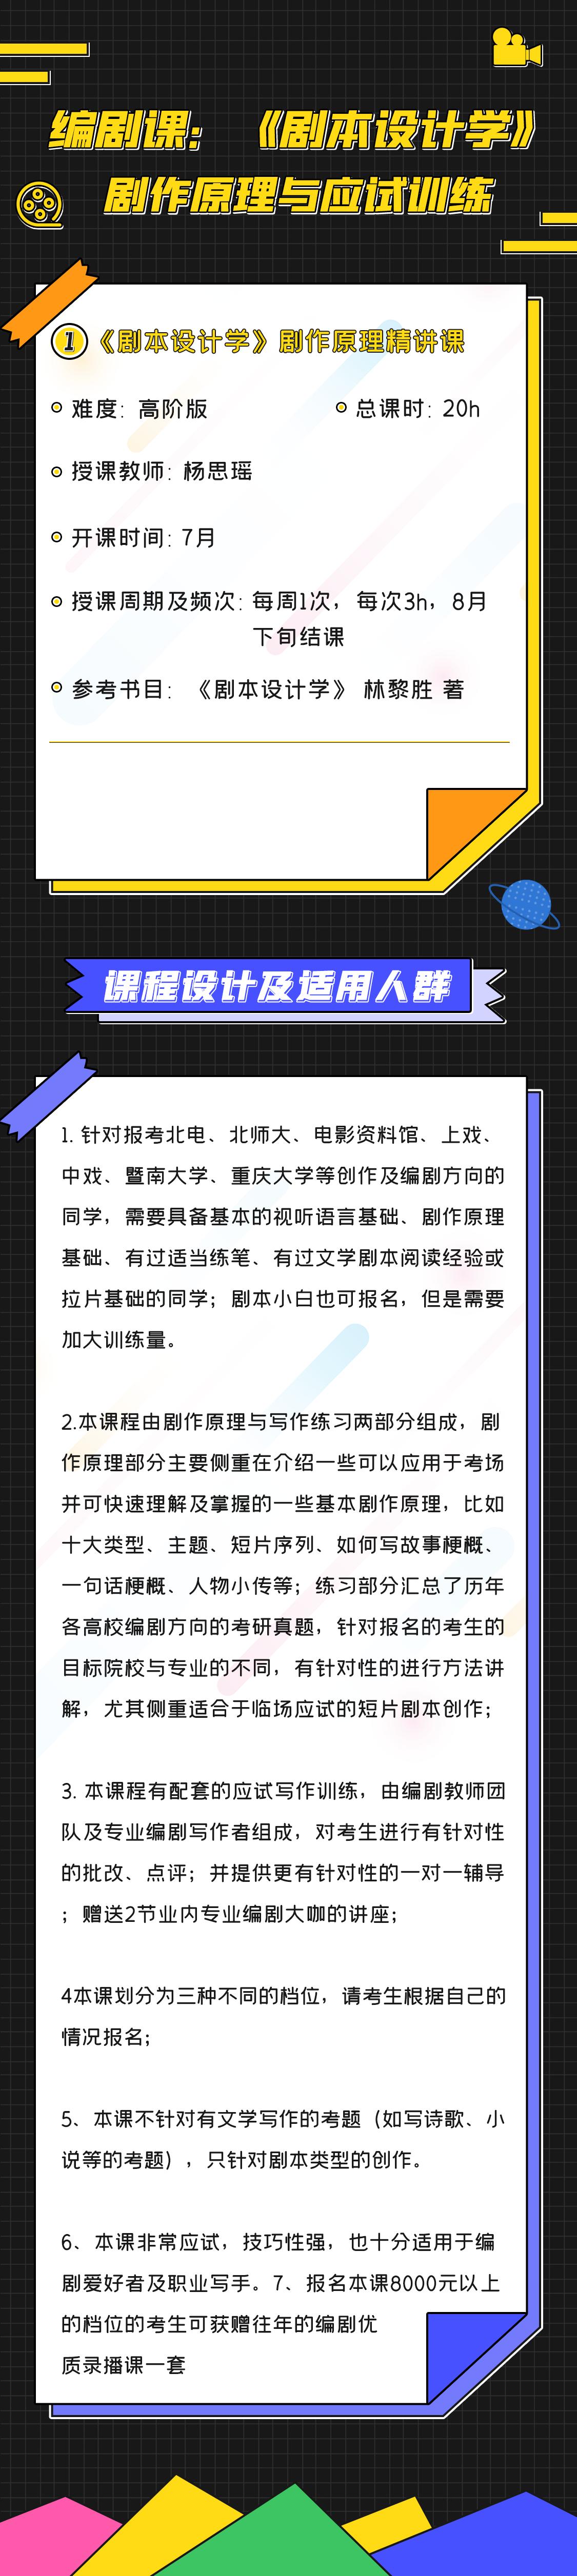 编剧课:《剧本设计学》剧作原理与应试训练1.png